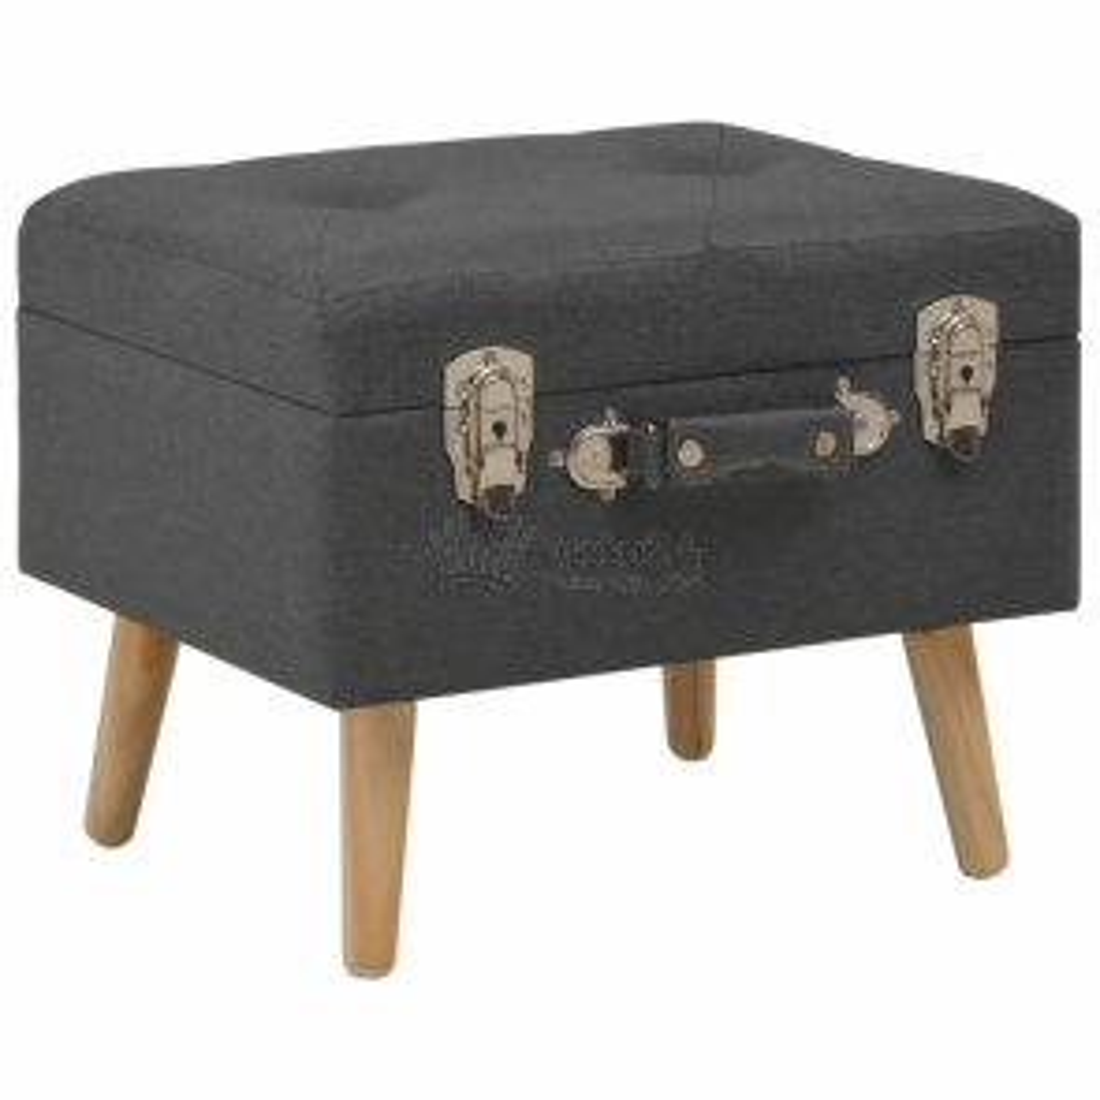 Stolička s úložným prostorem 40 cm tmavě šedá textil